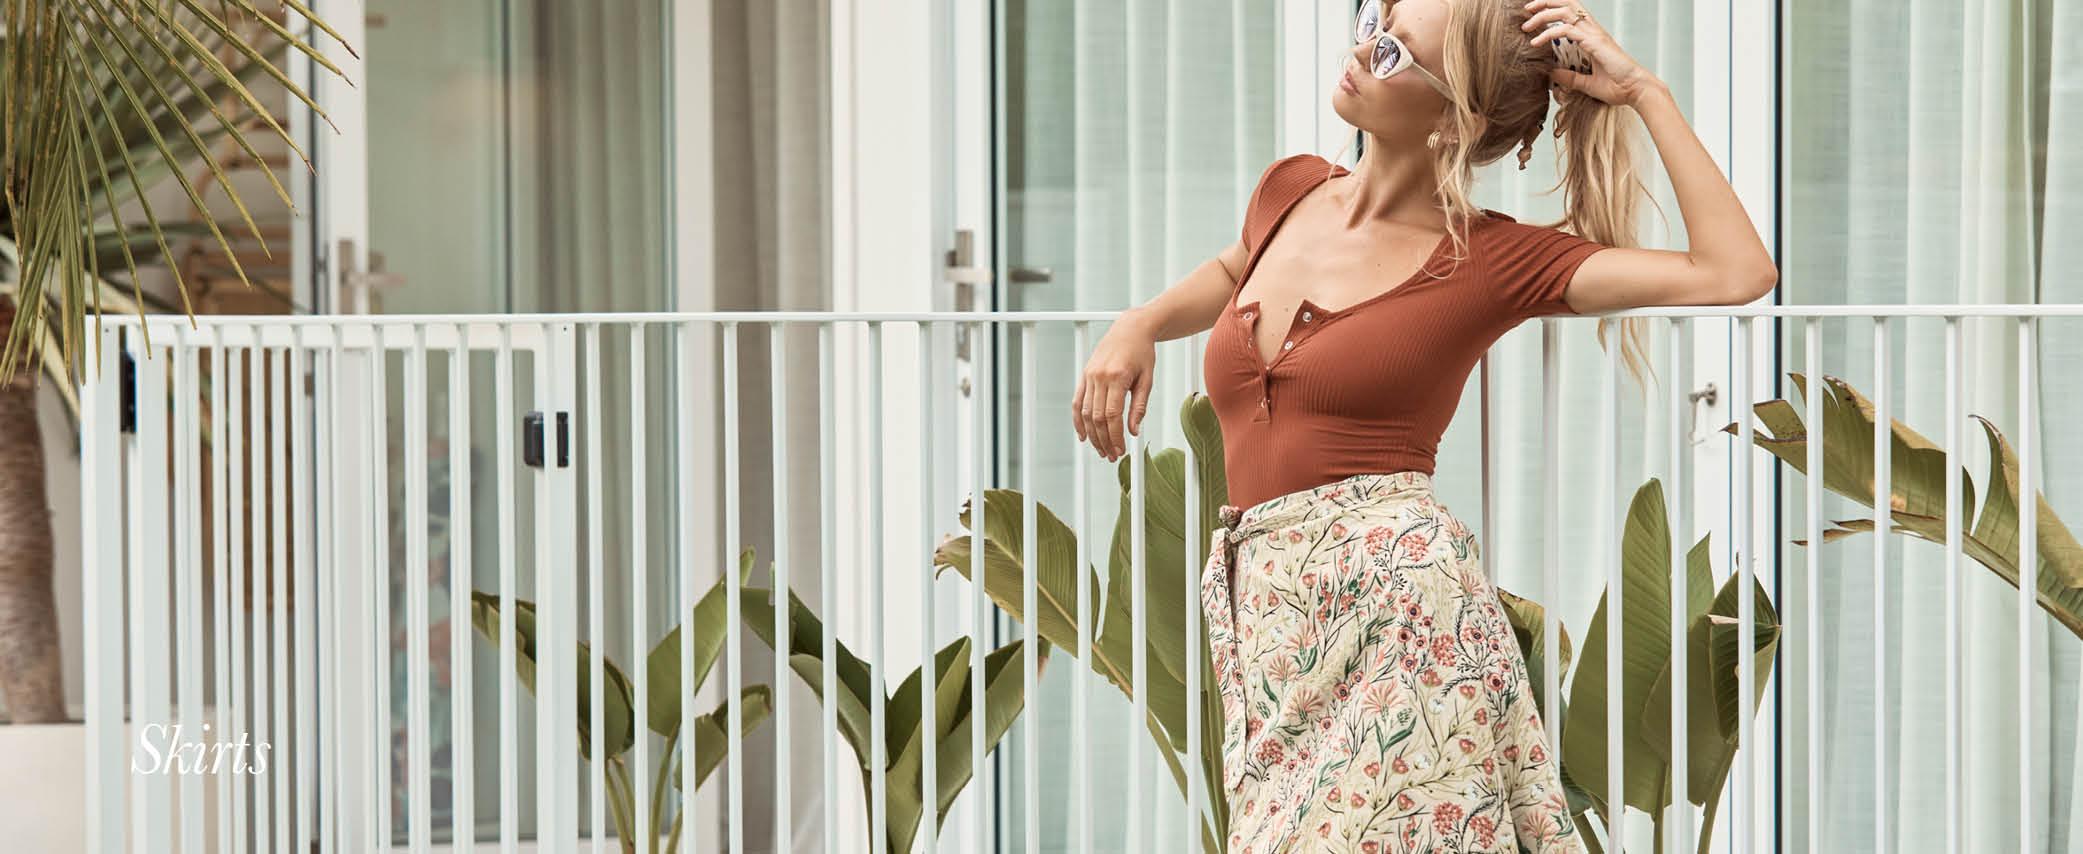 magnolia-skirts.jpg